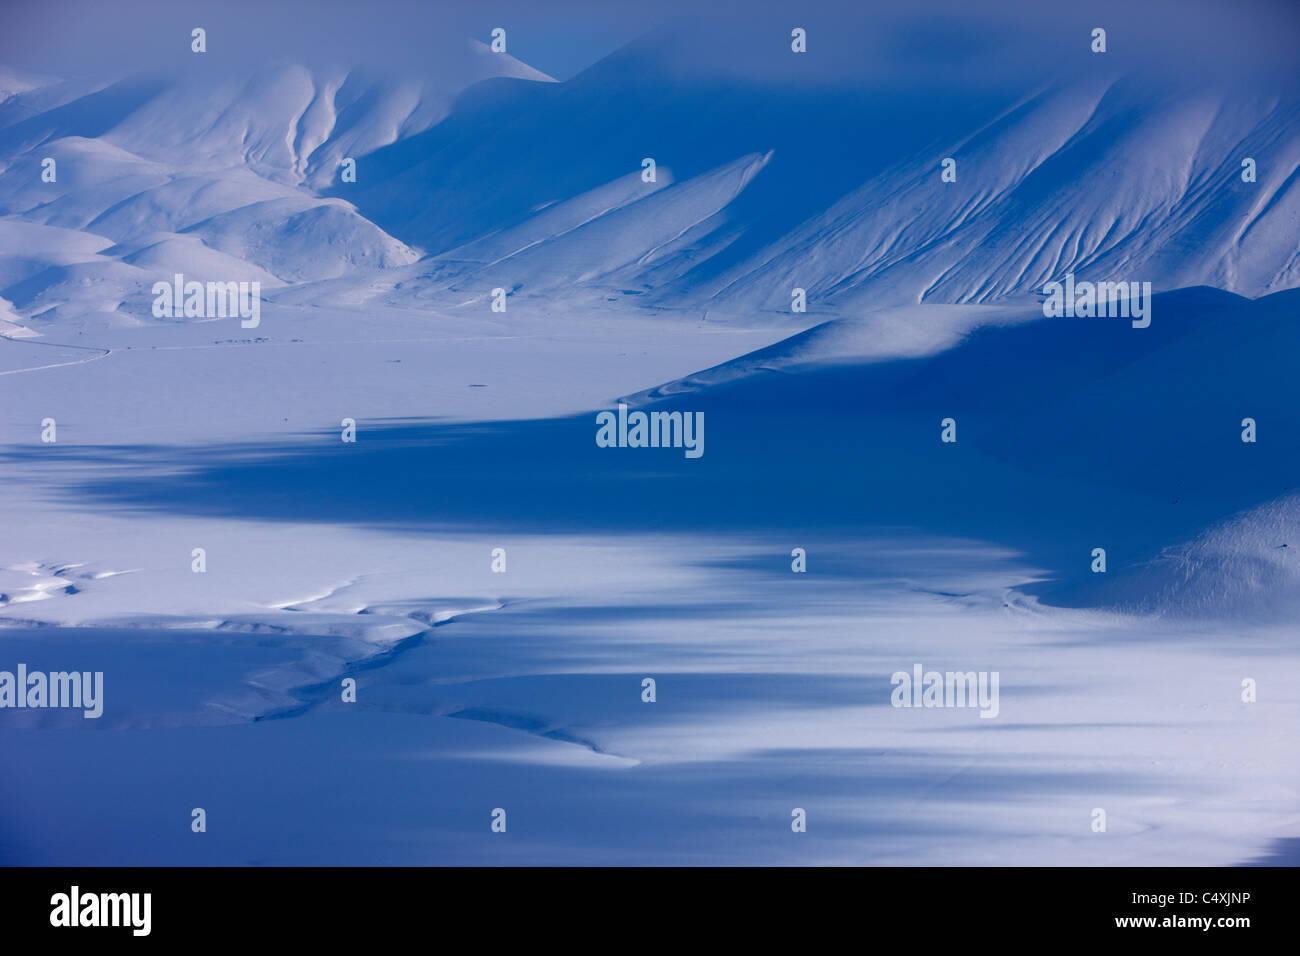 das Piano Grande im Winter, Nationalpark Monti Sibillini, Umbrien, ItalienStockfoto